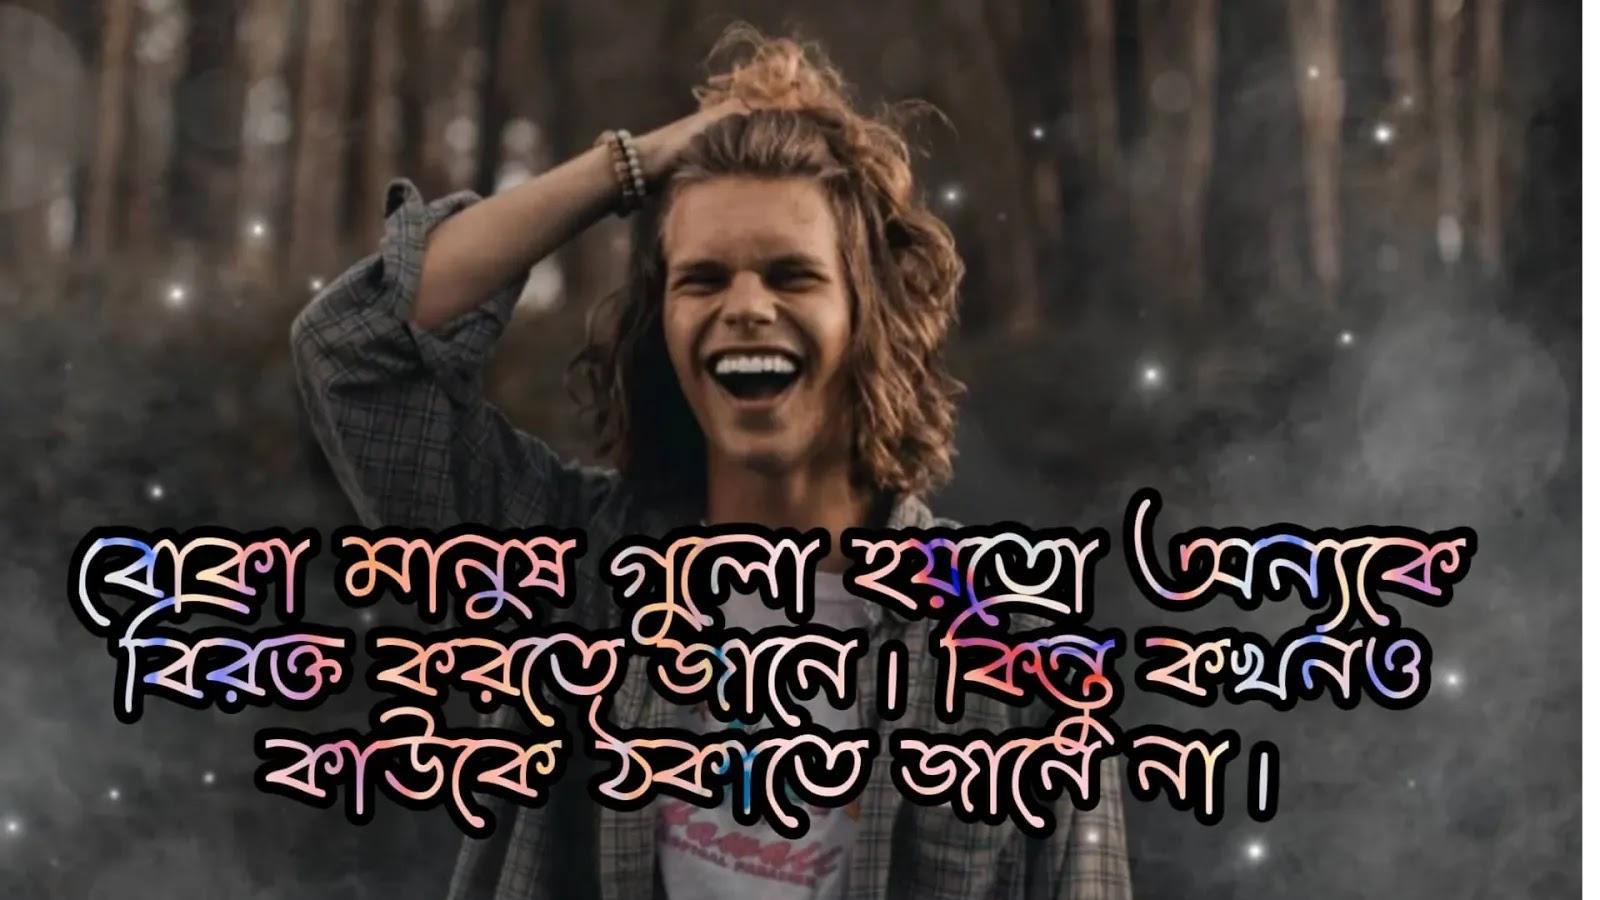 Bengali sad love quotes